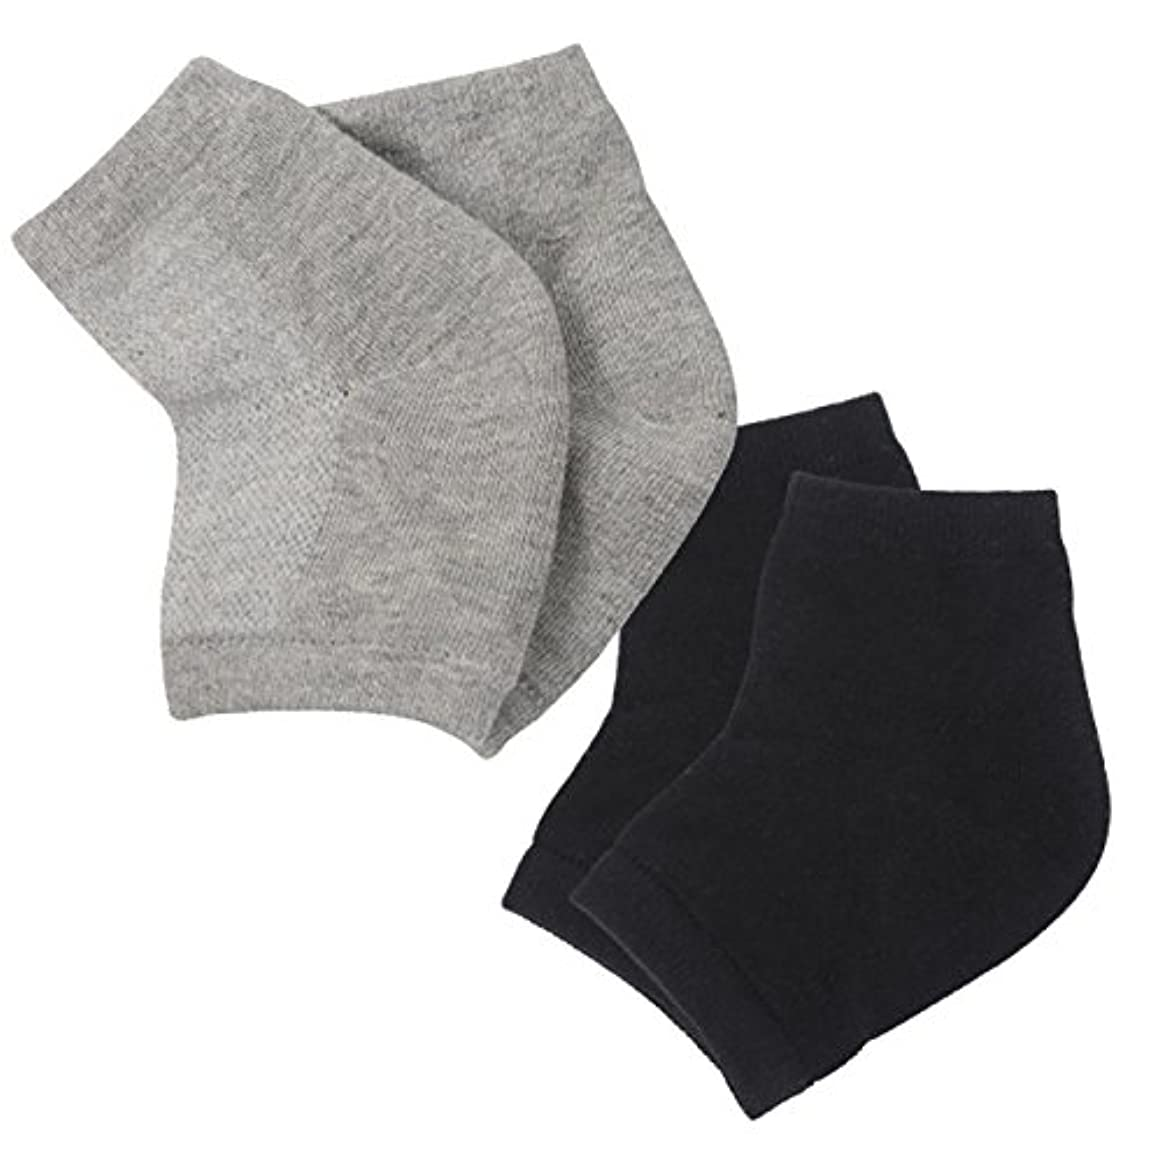 拮抗ガジュマル森(アクアランド) AQUALAND かかと 保湿ソックス ツルツル 乾燥 カサカサ 履くだけ 簡単 洗える シリコン 指だし 削らない 塗らない 寝ている間に 男女兼用 サイズフリー 2足組セット (ブラック+グレー)